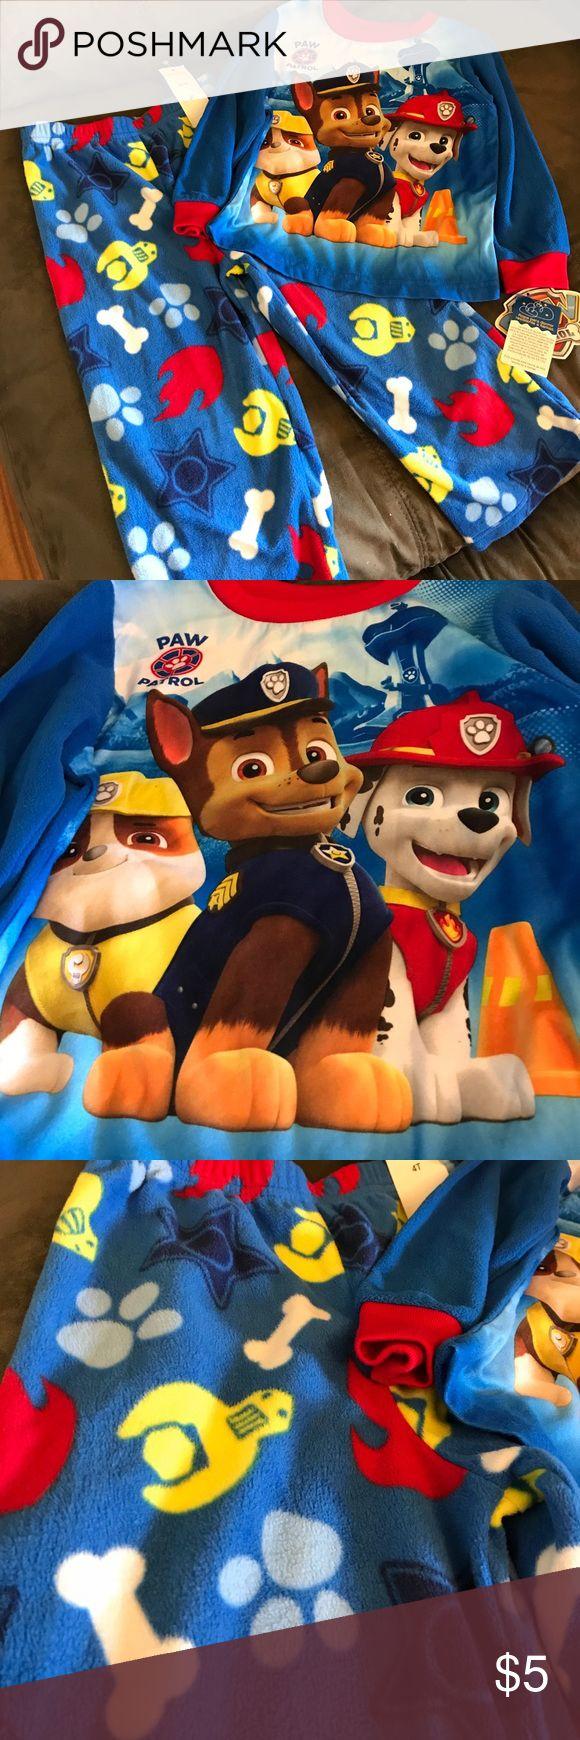 Paw Patrol pajama Toddler boys Paw Patrol pajama. Never worn with tags. Nickelodeon Pajamas Pajama Sets